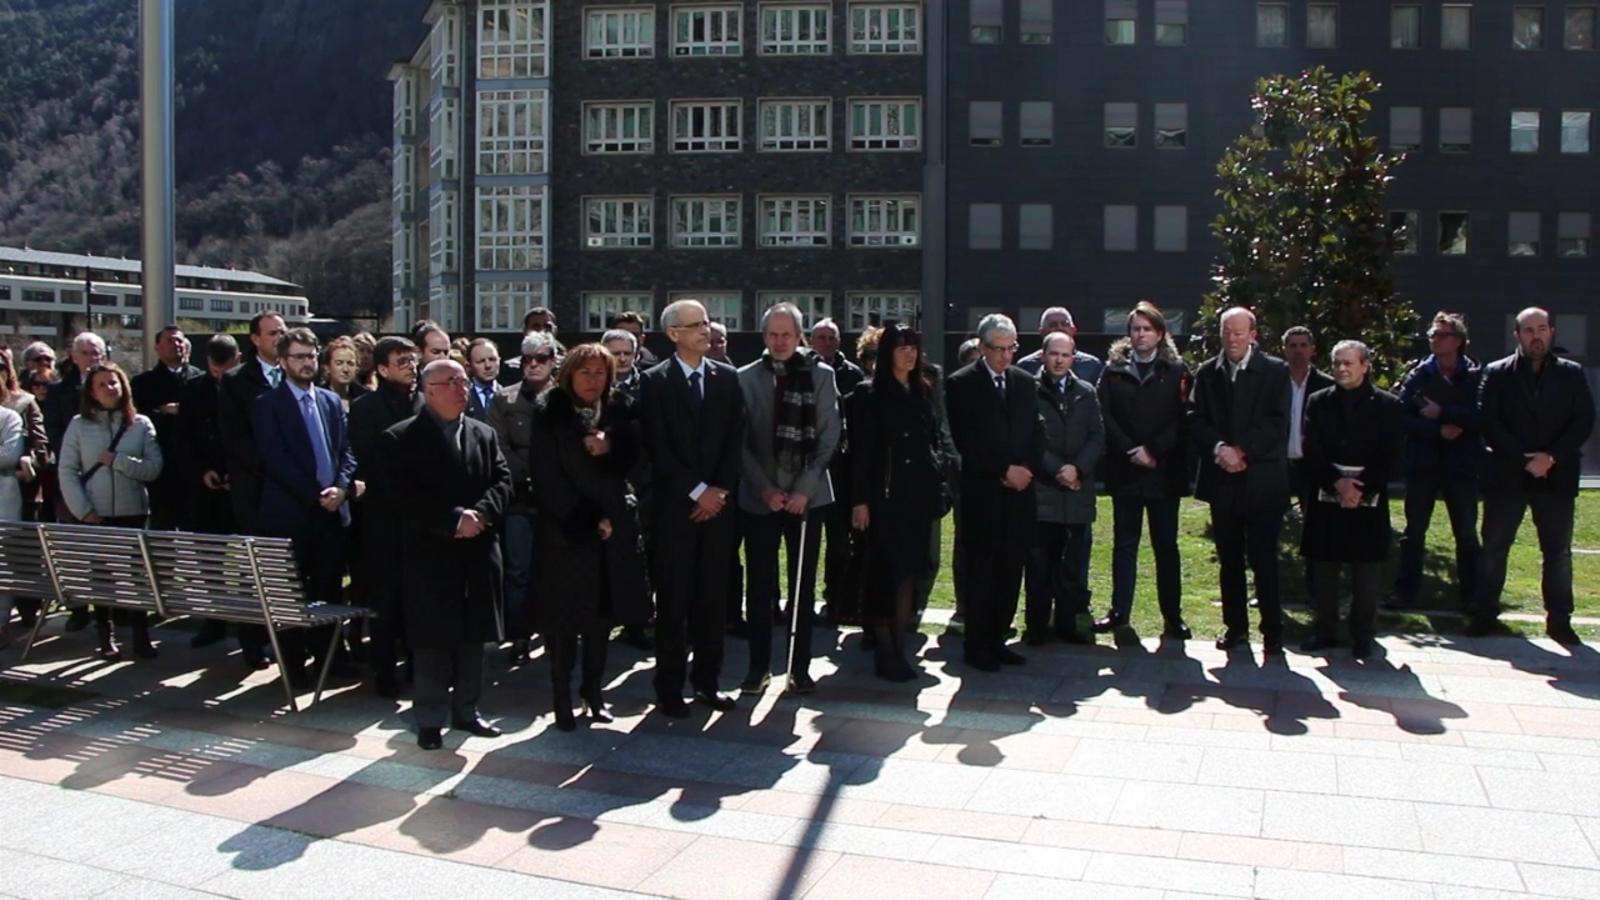 Al voltant de 150 persones es concentren per donar suport al poble belga